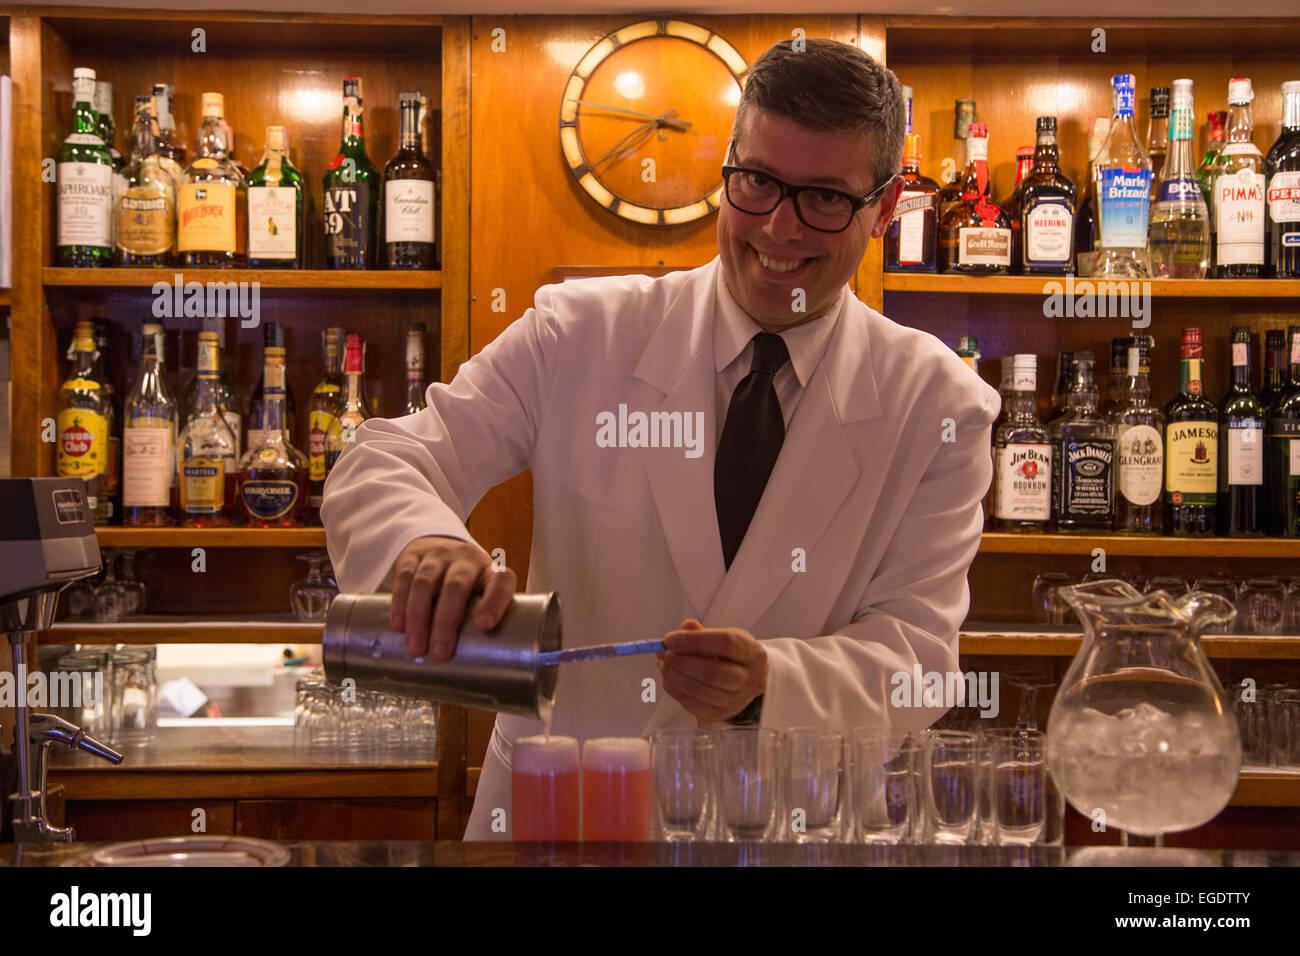 Freundliche Barkeeper mixen leckere Bellini Getränke in Harrys Bar, Venedig, Veneto, Italien, Europa Stockbild